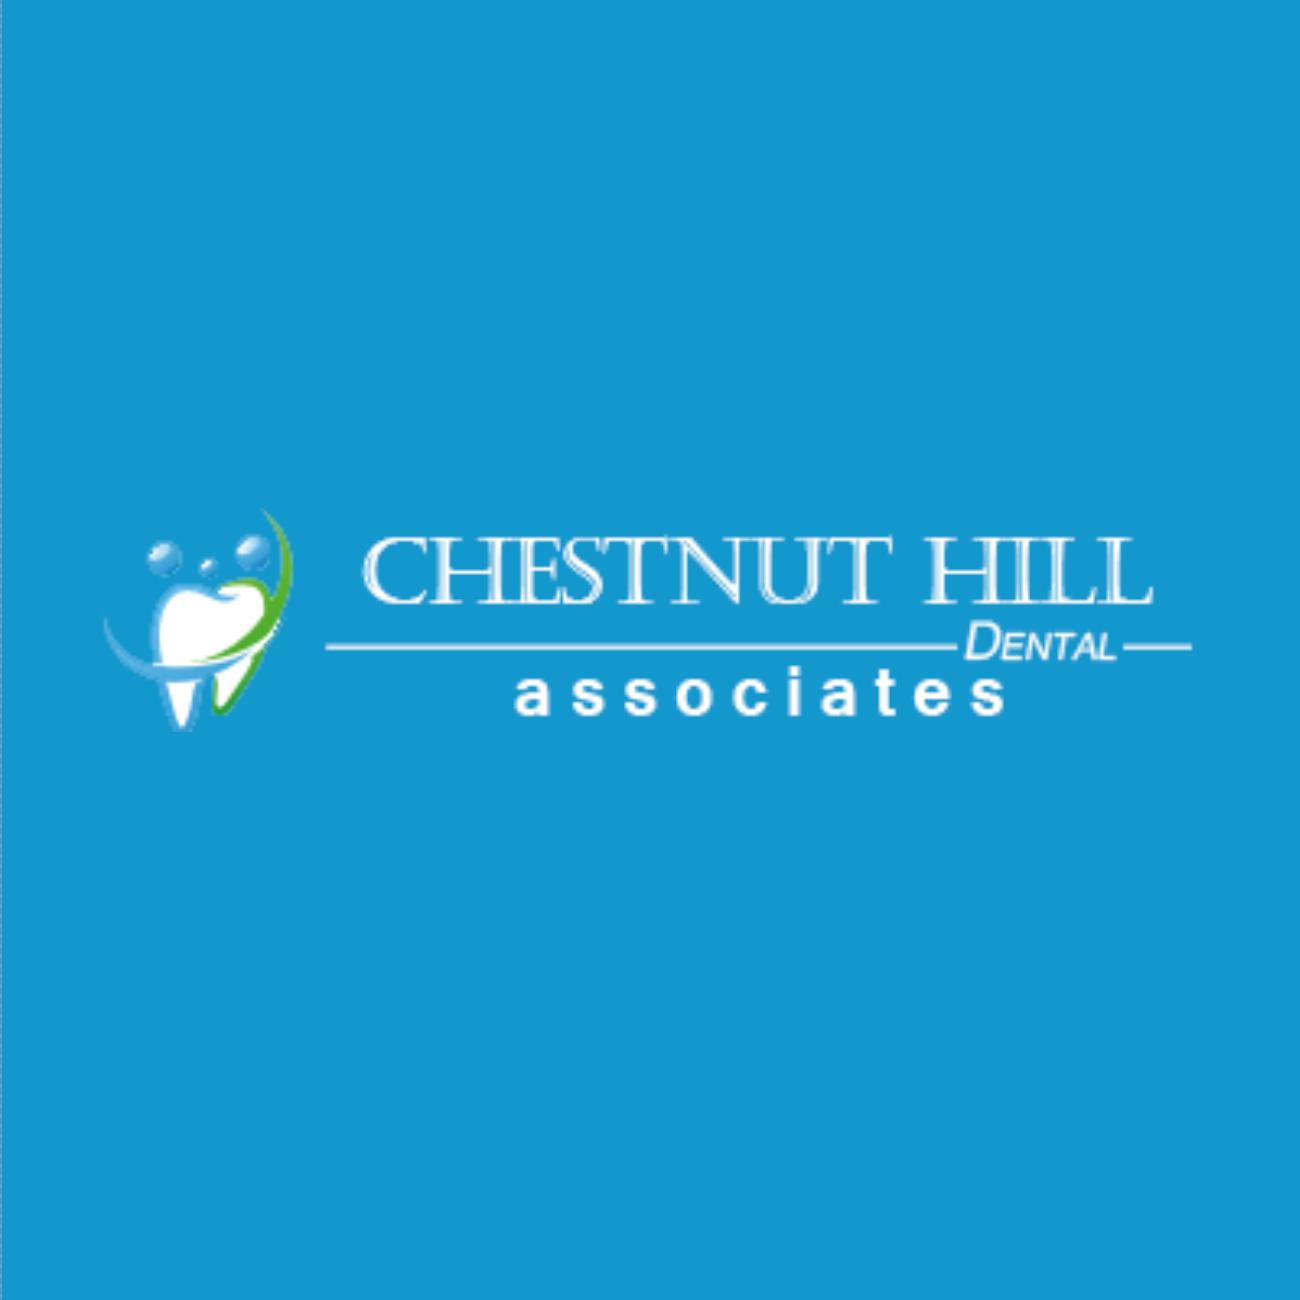 Chestnut Hill Dental Associates